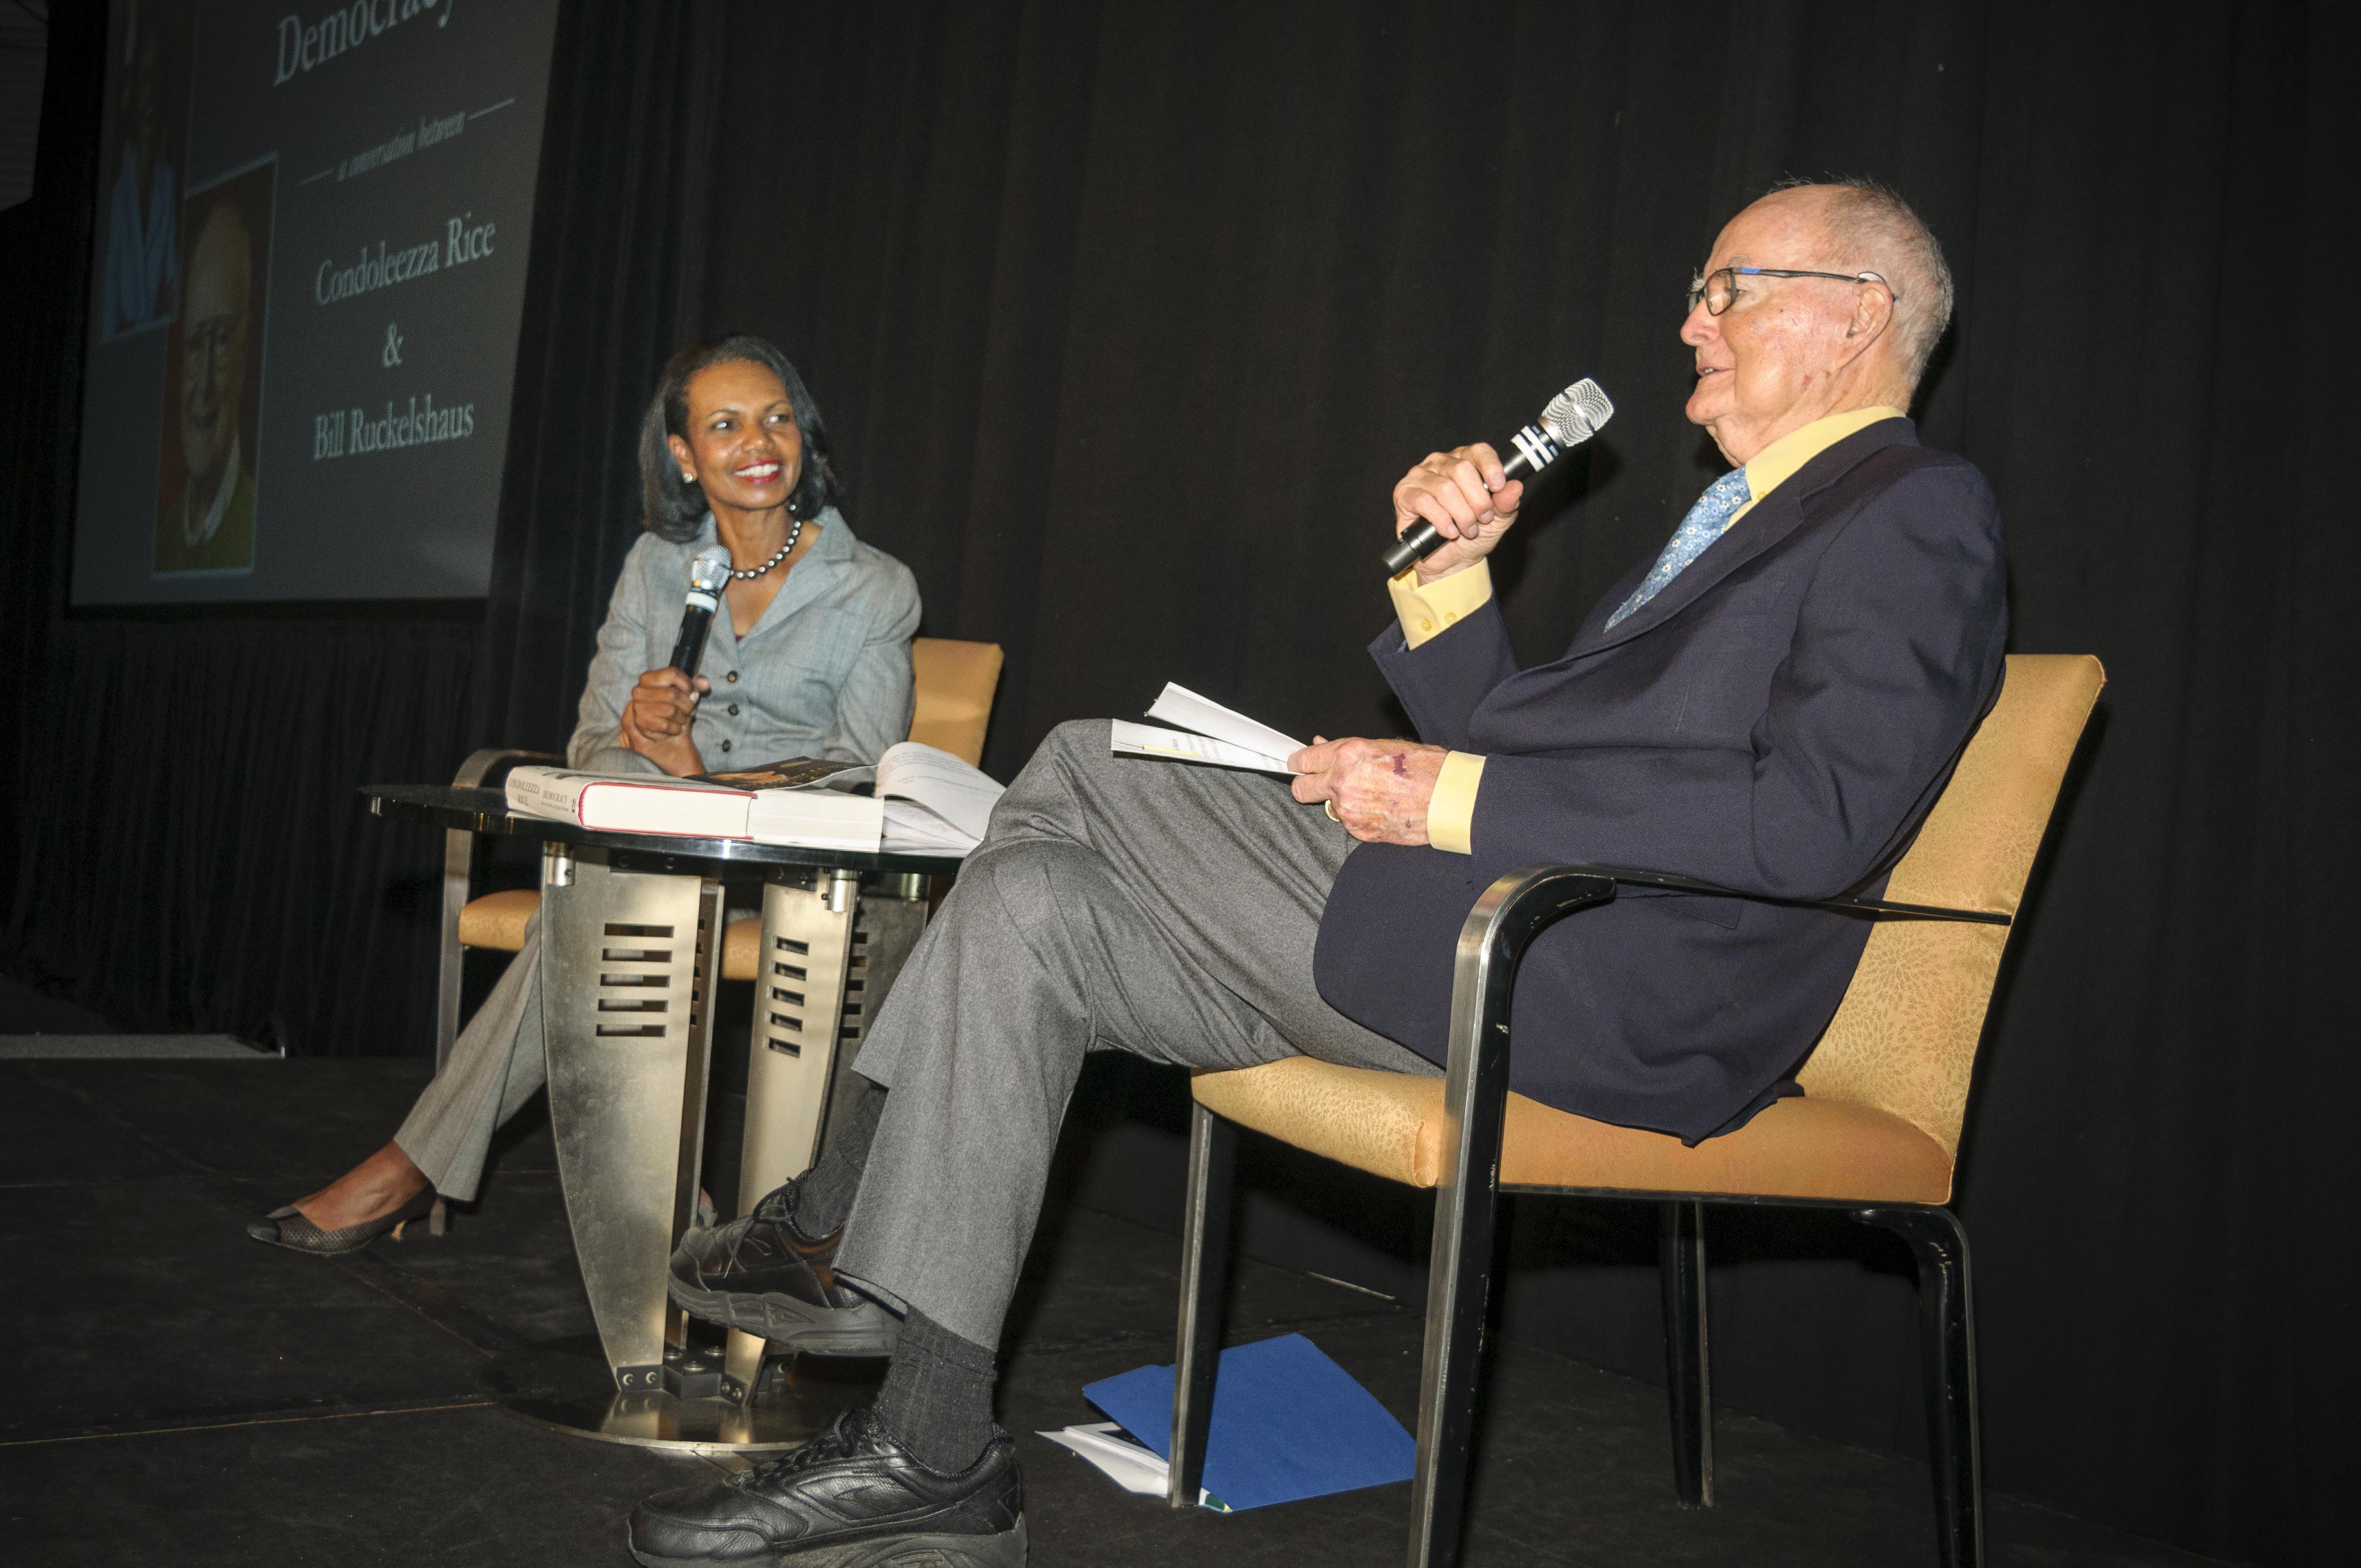 Bil Ruckelshaus and Condoleeza Rice